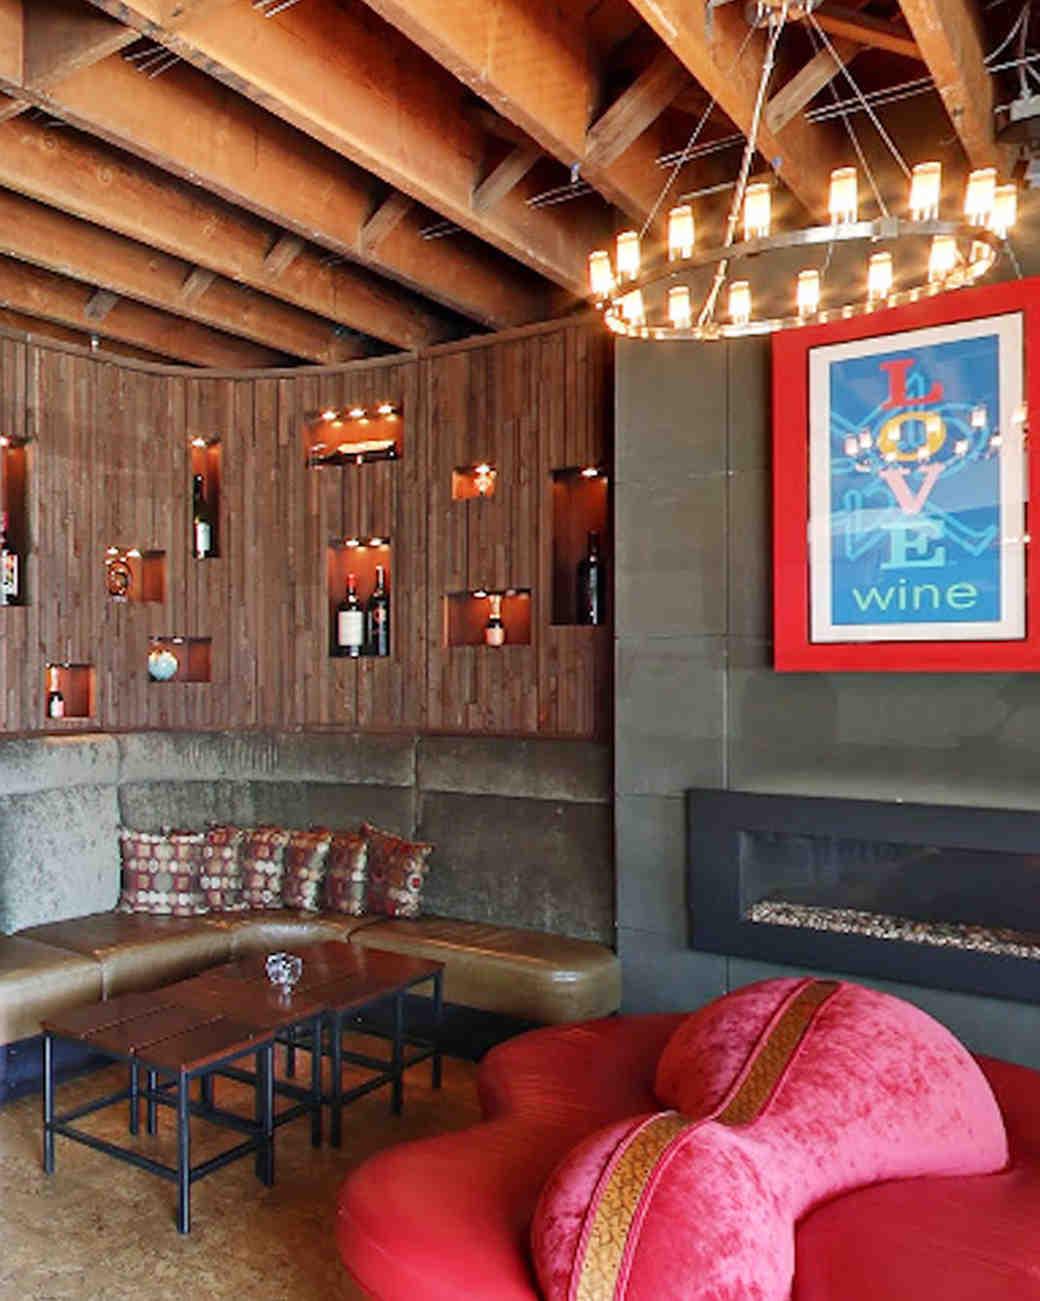 napa valley bachelorette 1313 main restaurant